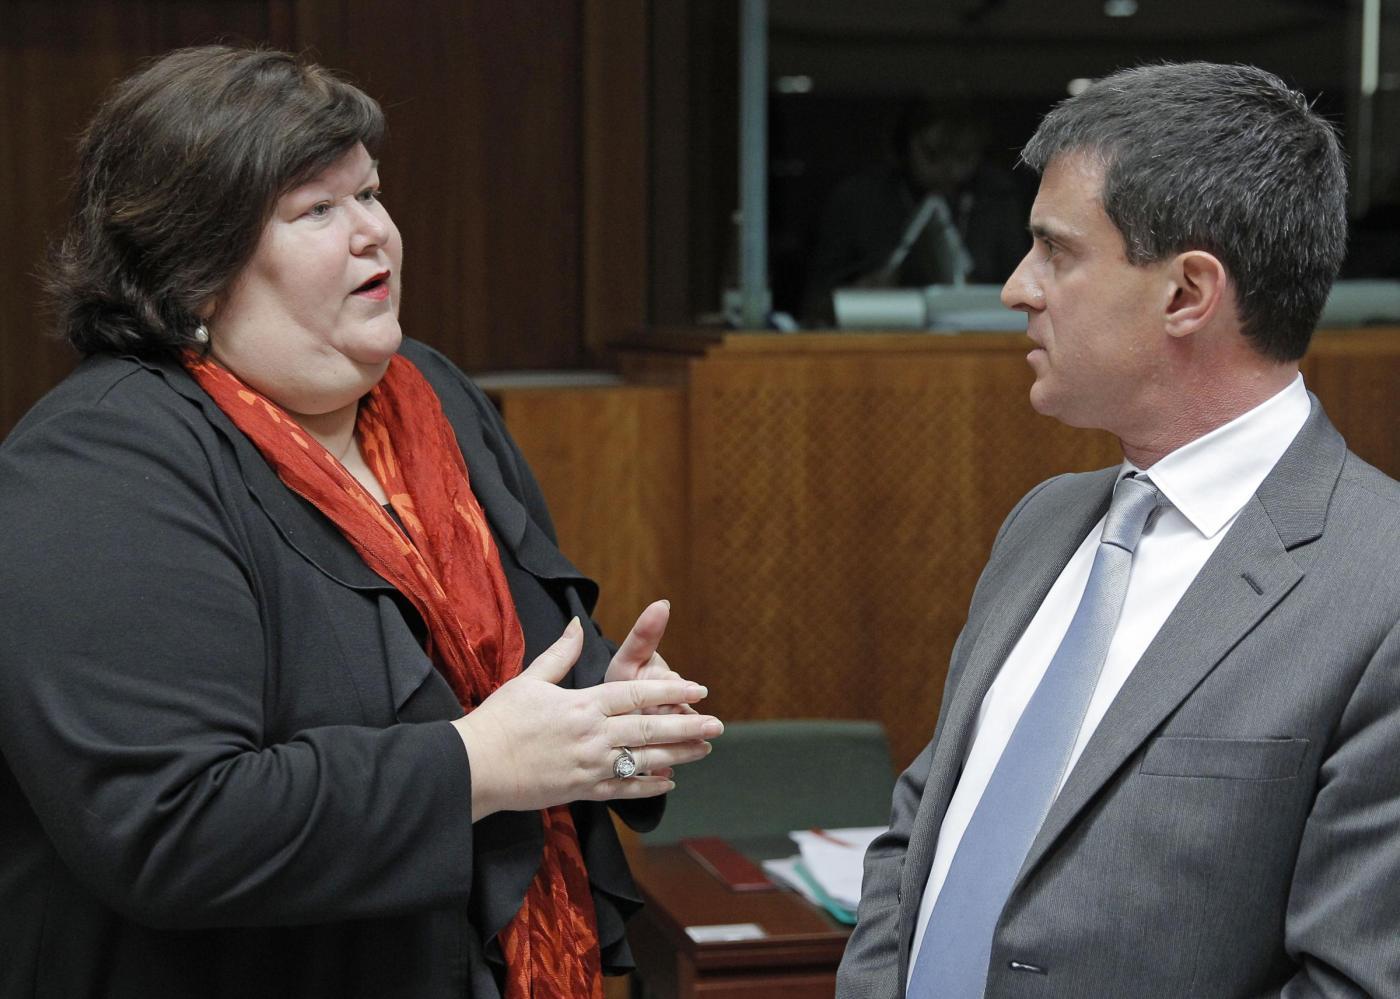 """Belgio, giornalista accusa ministra della Salute Maggie De Block: """"è obesa"""""""